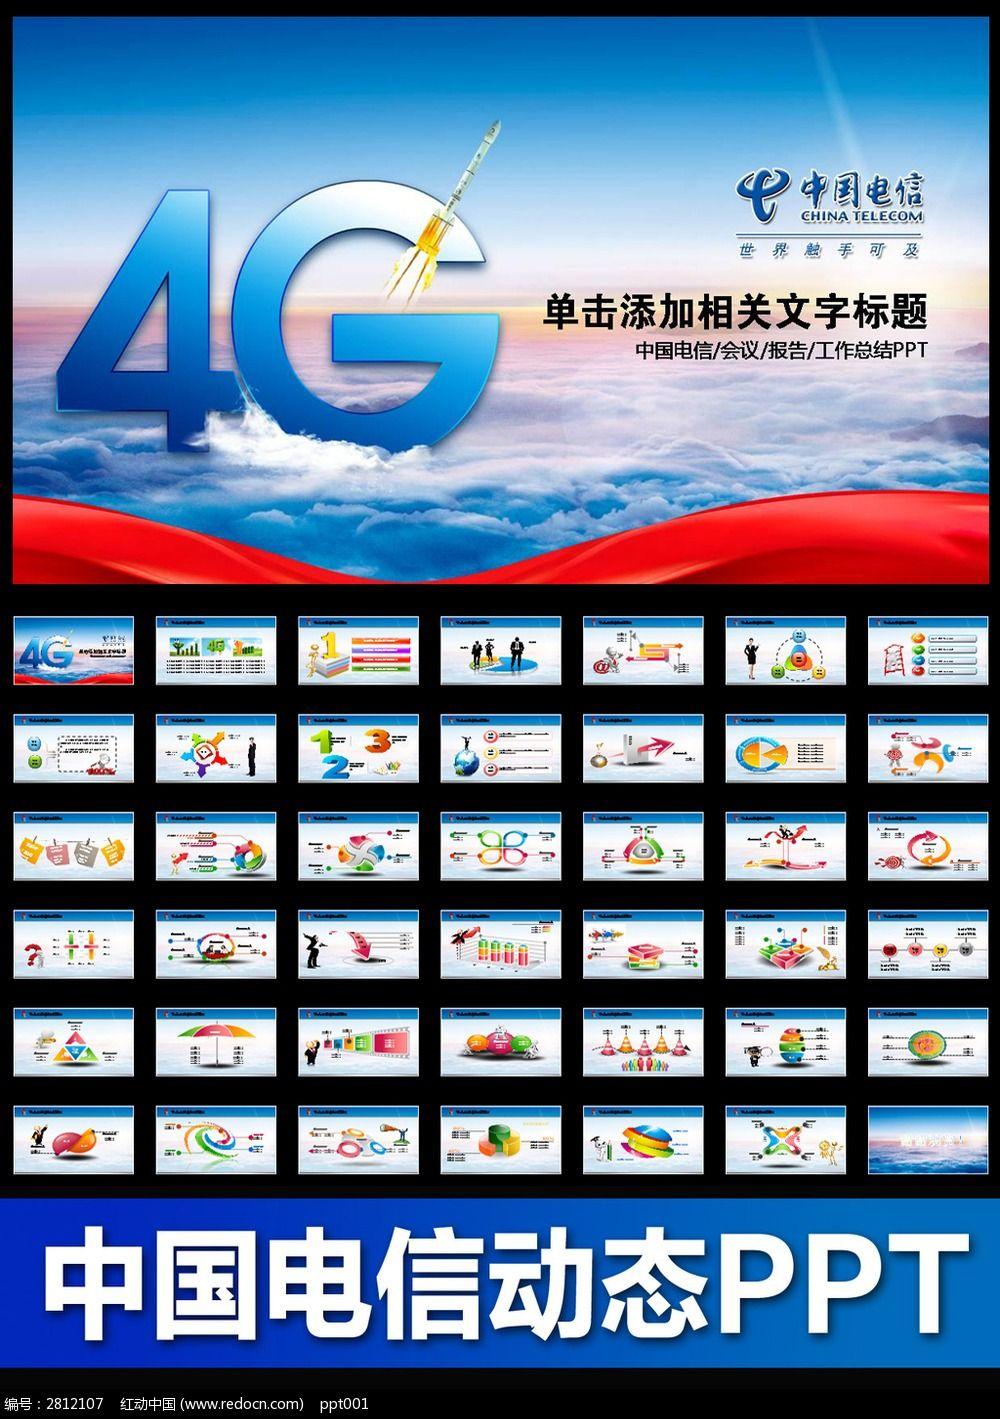 4g宽带手机中国电信天翼动态ppt素材下载